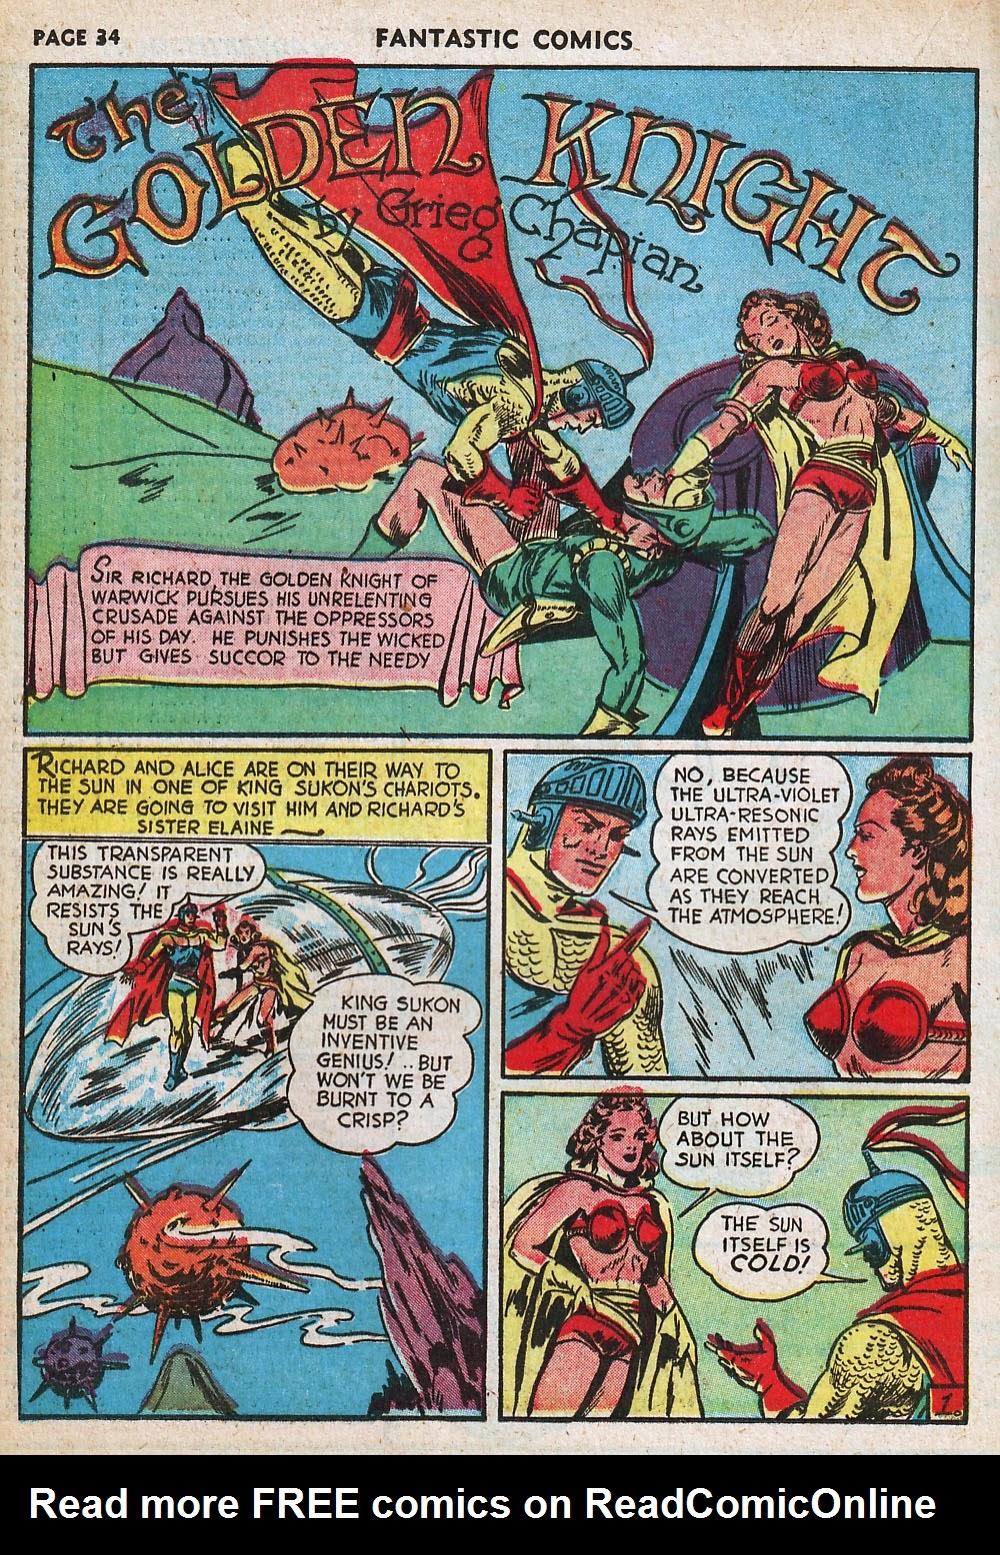 Read online Fantastic Comics comic -  Issue #20 - 34